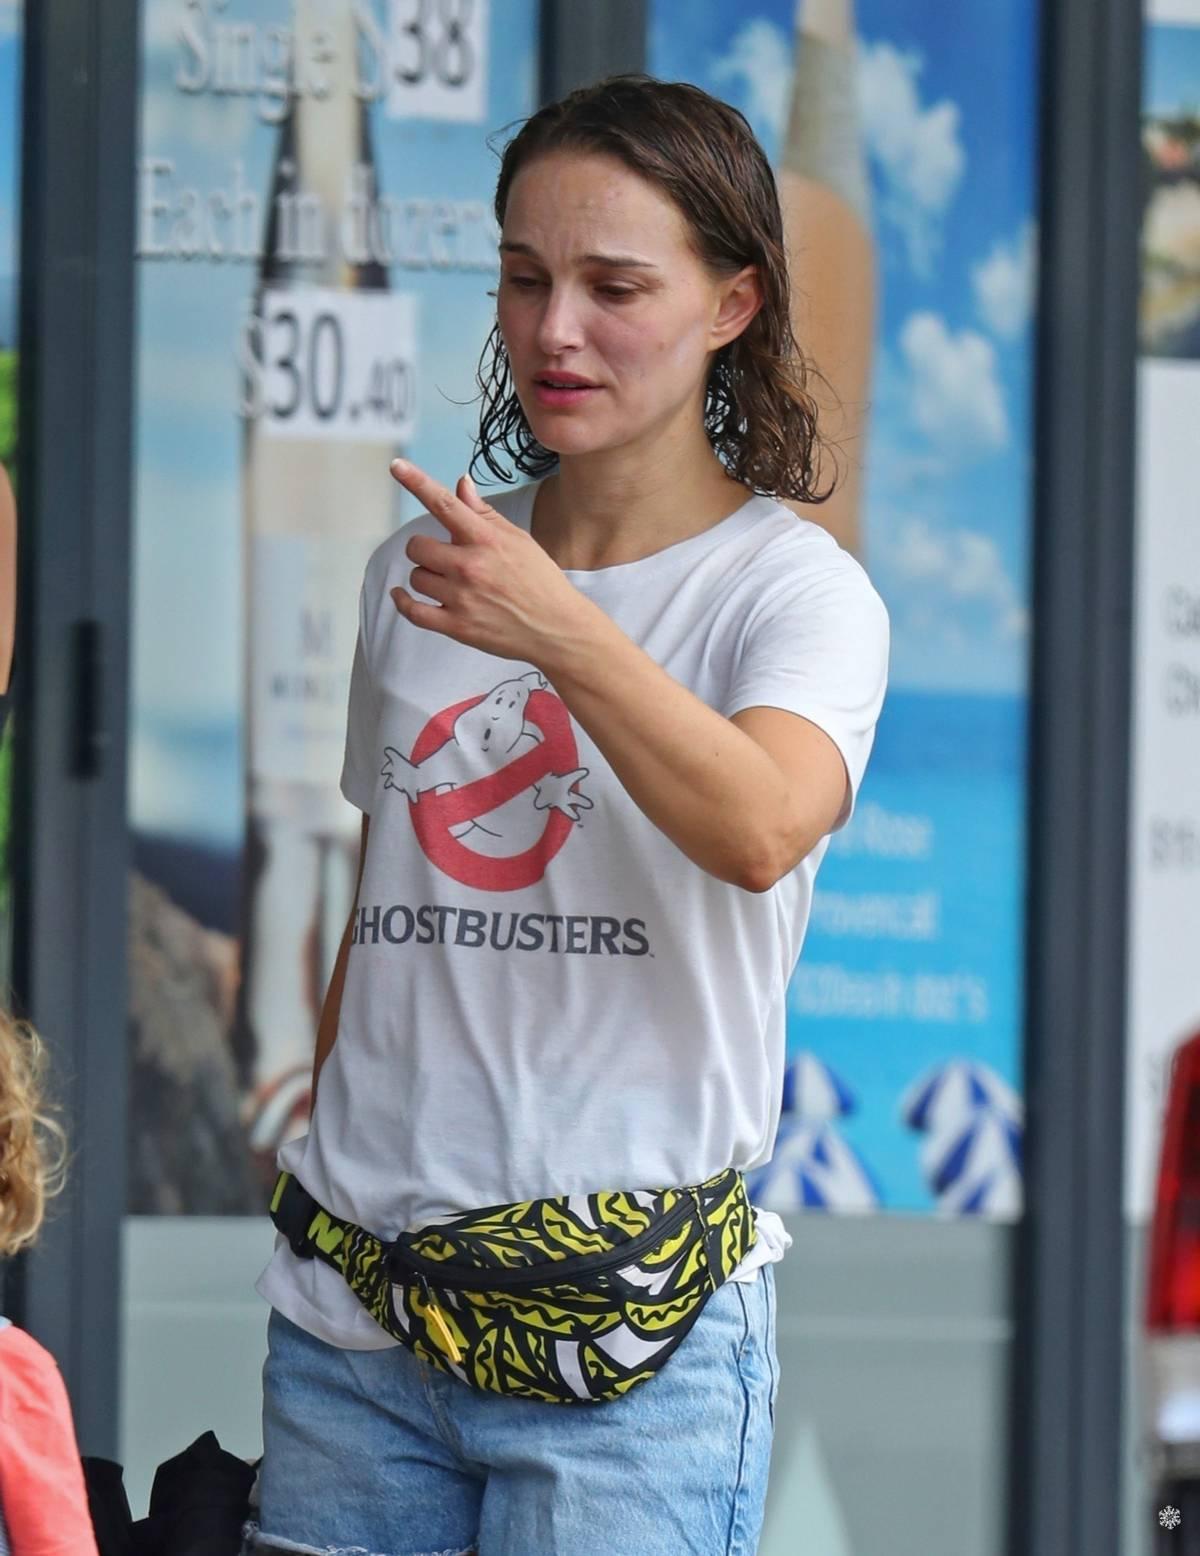 娜塔莉波特曼湿头逛街,穿着太朴素了,网友:好接地气的影后